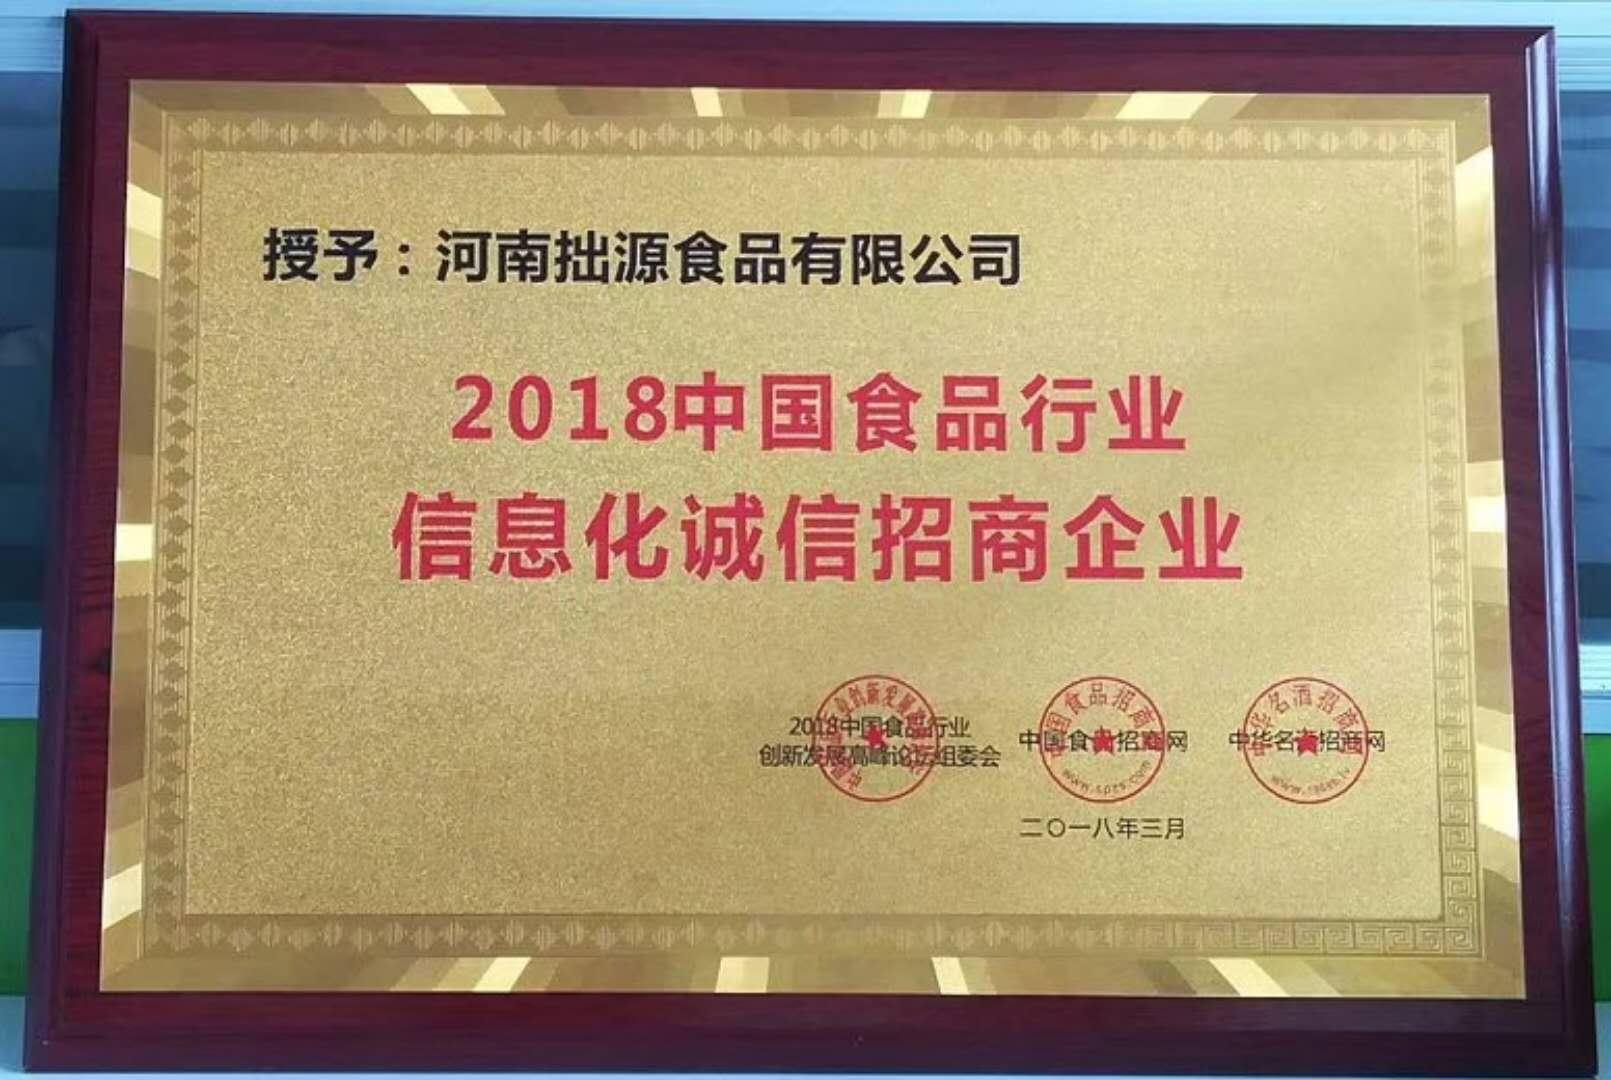 拙源荣获2018中国食品行业信息化诚信招商企业